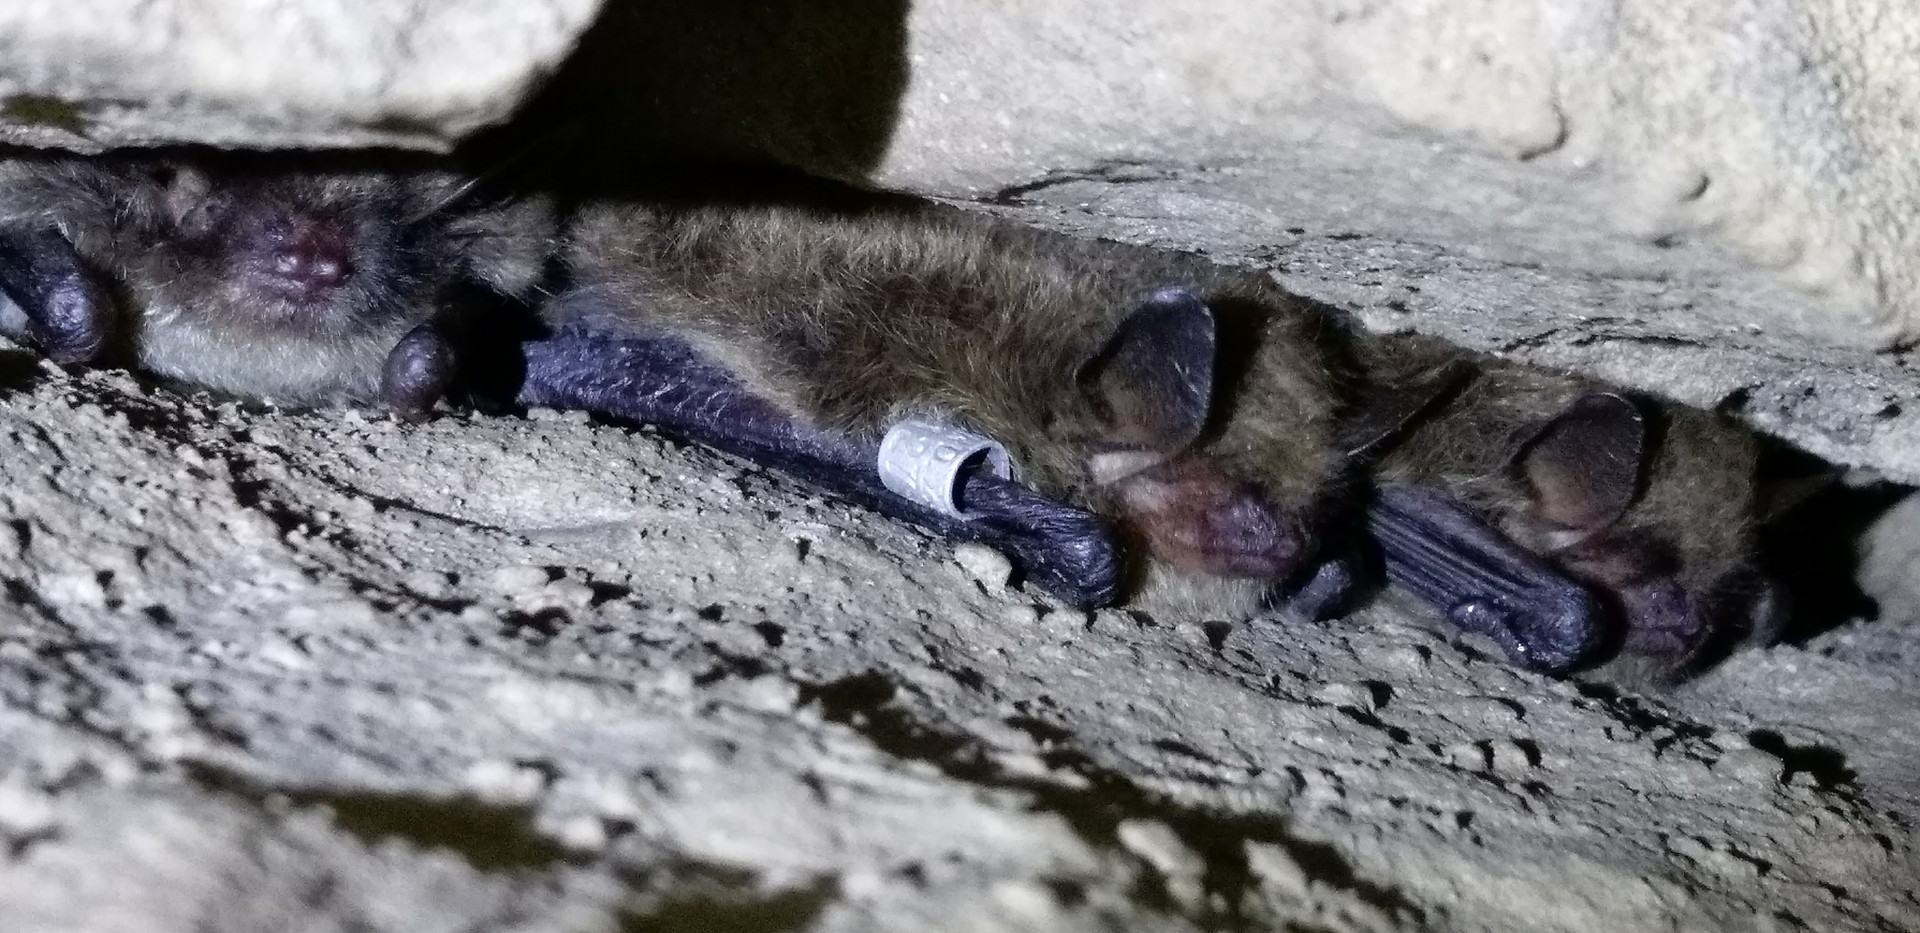 hibernating whiskered / Brandt's bat